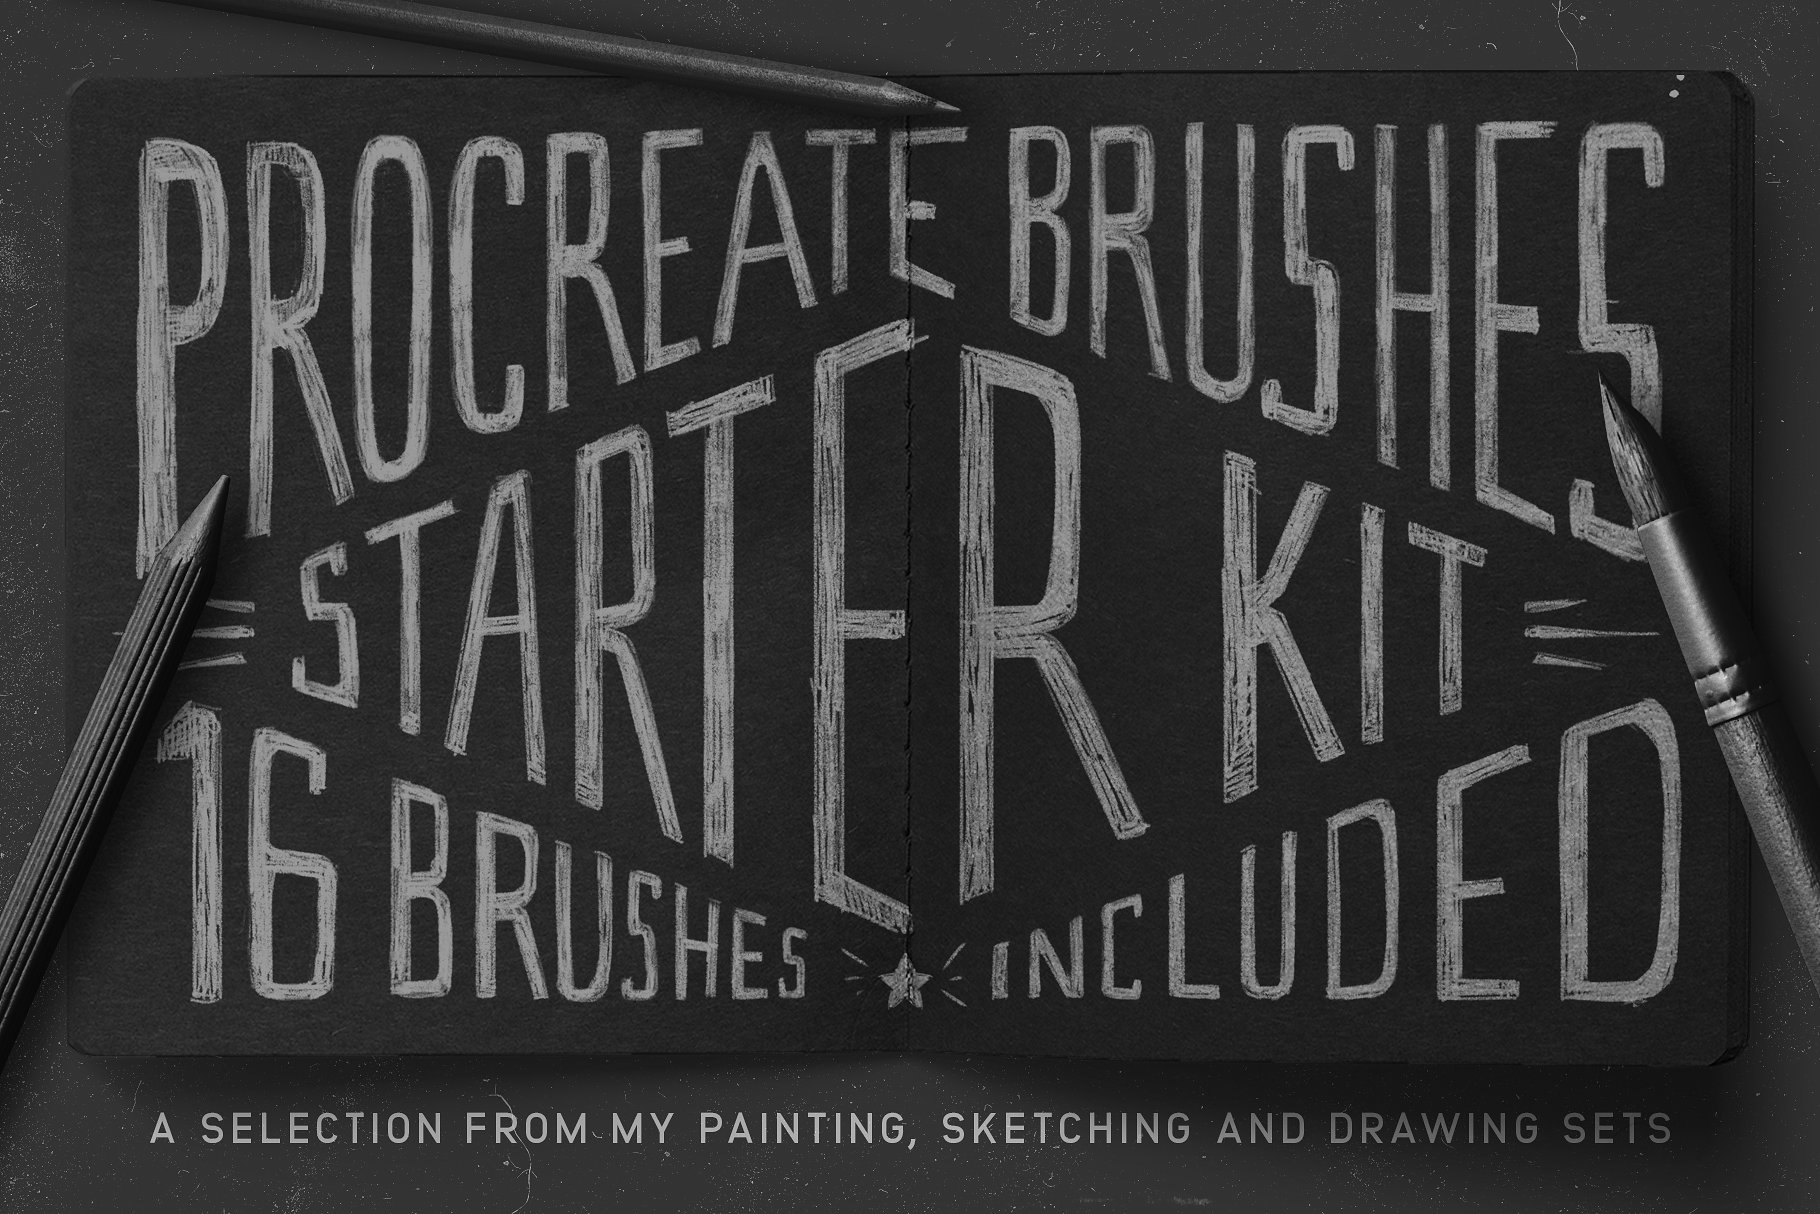 肌理笔刷下载 Procreate Brushes Starter Kit设计素材模板